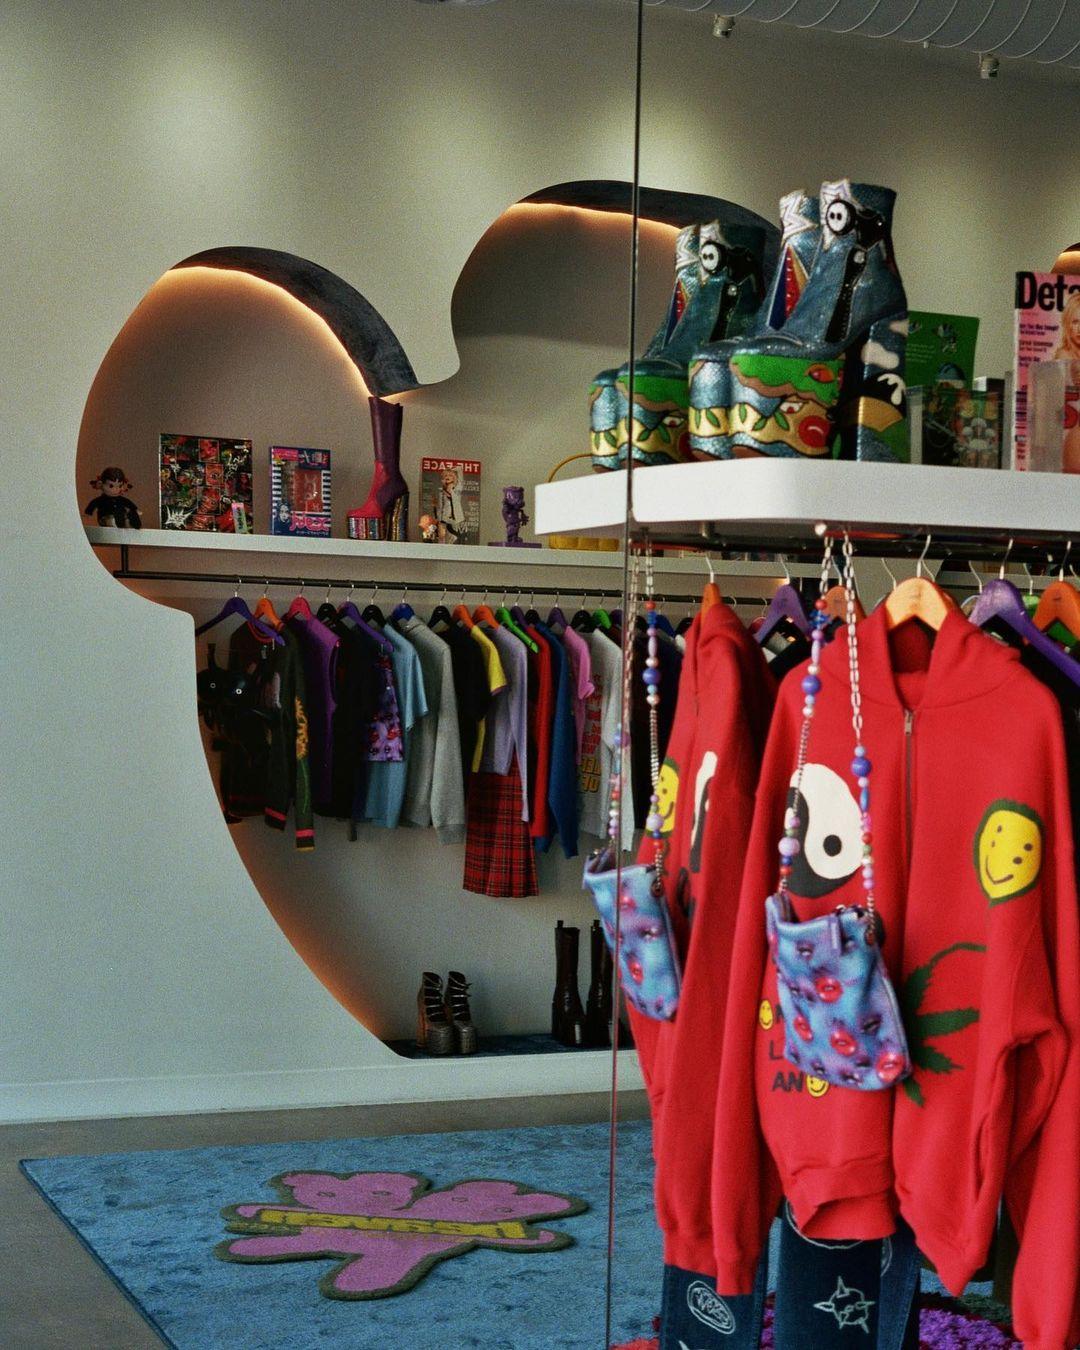 Дух 90-х и аниме: рассматриваем интерьер нового магазина Marc Jacobs в Лос-Анджелесе